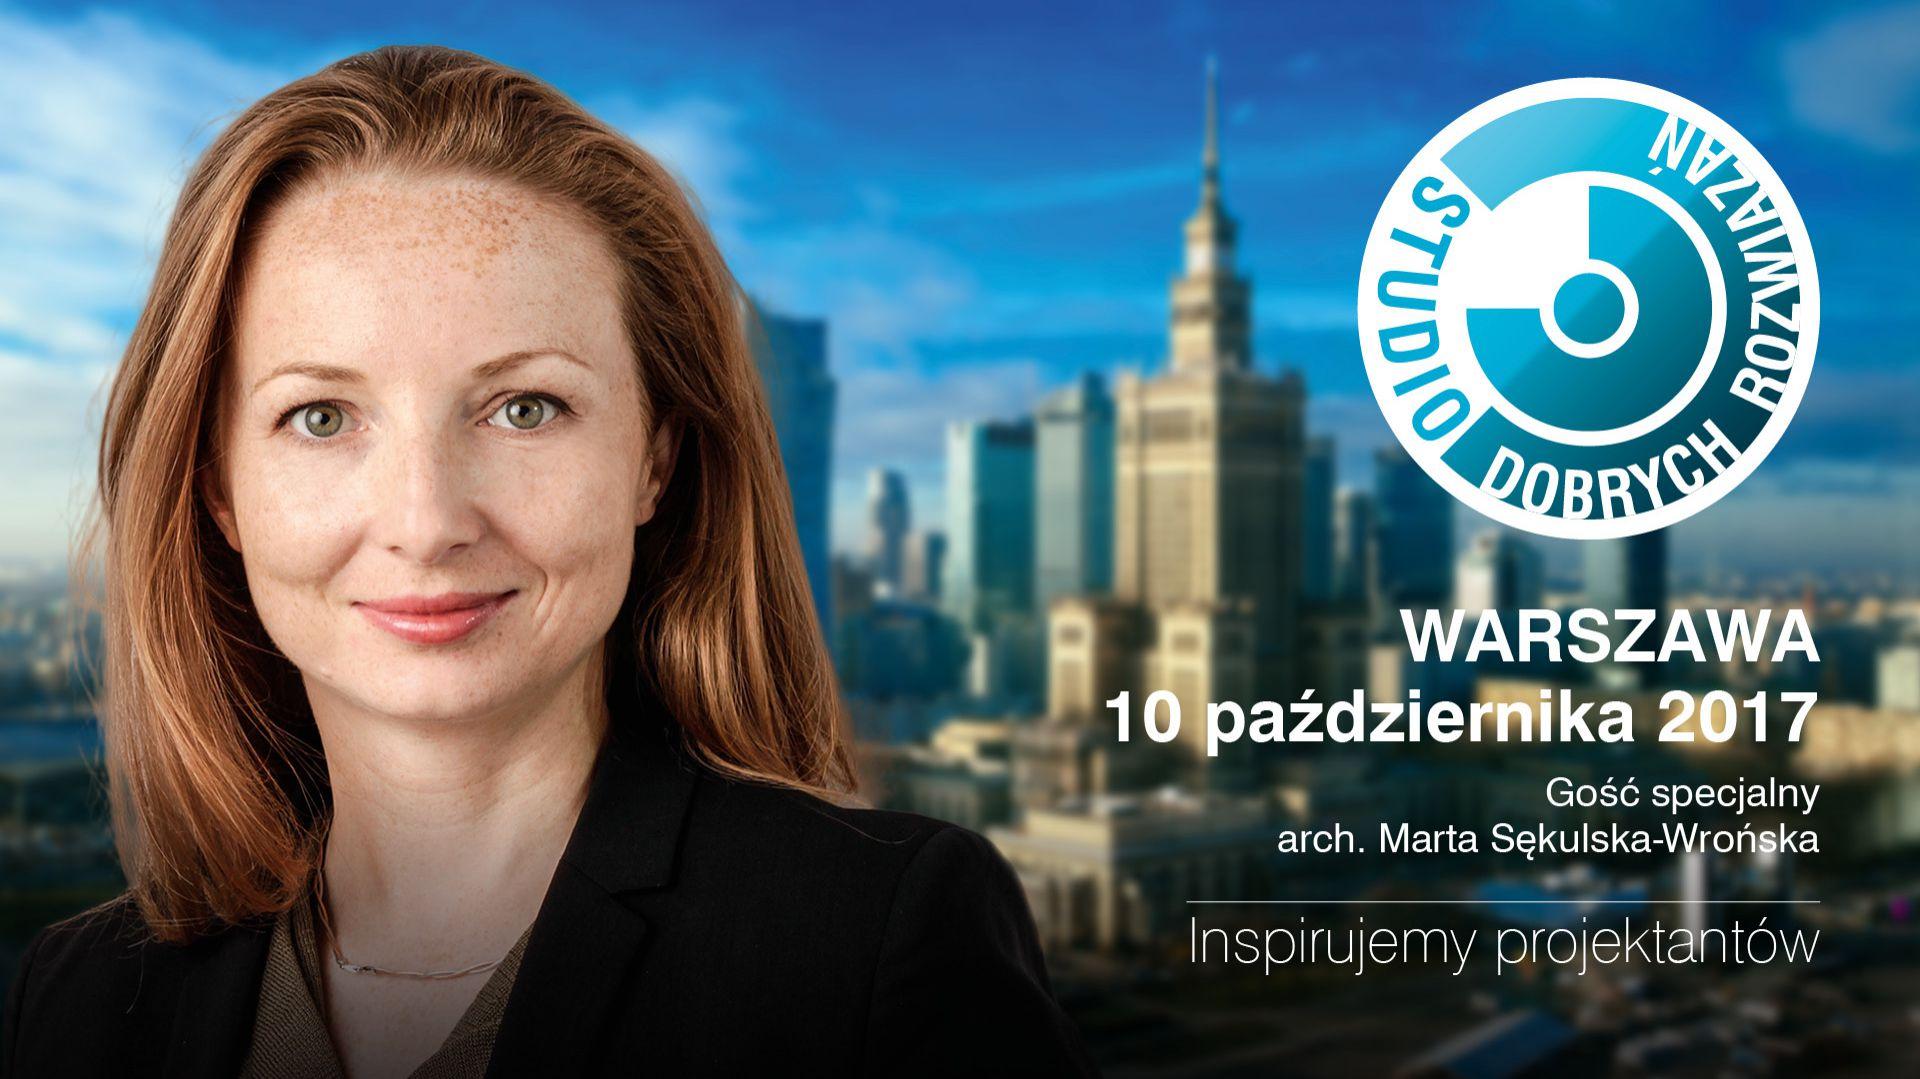 SDR Warszawa